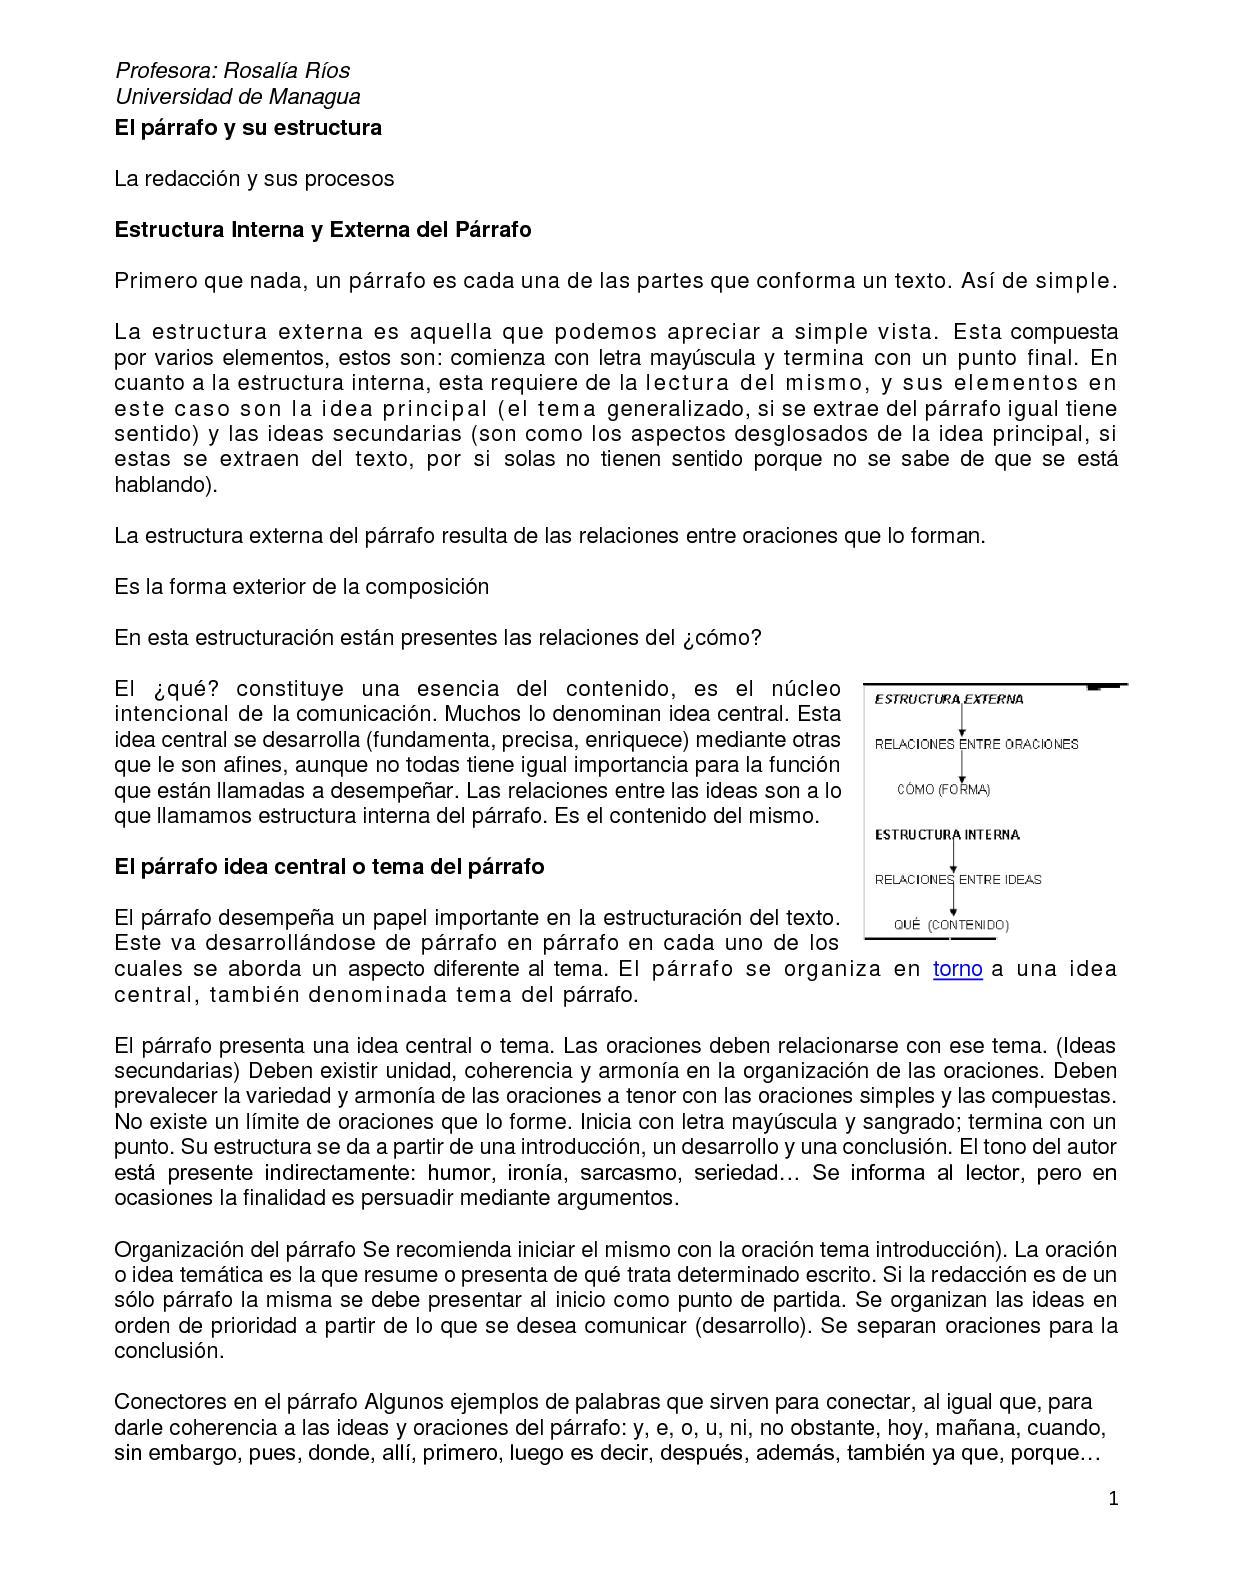 Calaméo El Parrafo Y Su Estructura 1